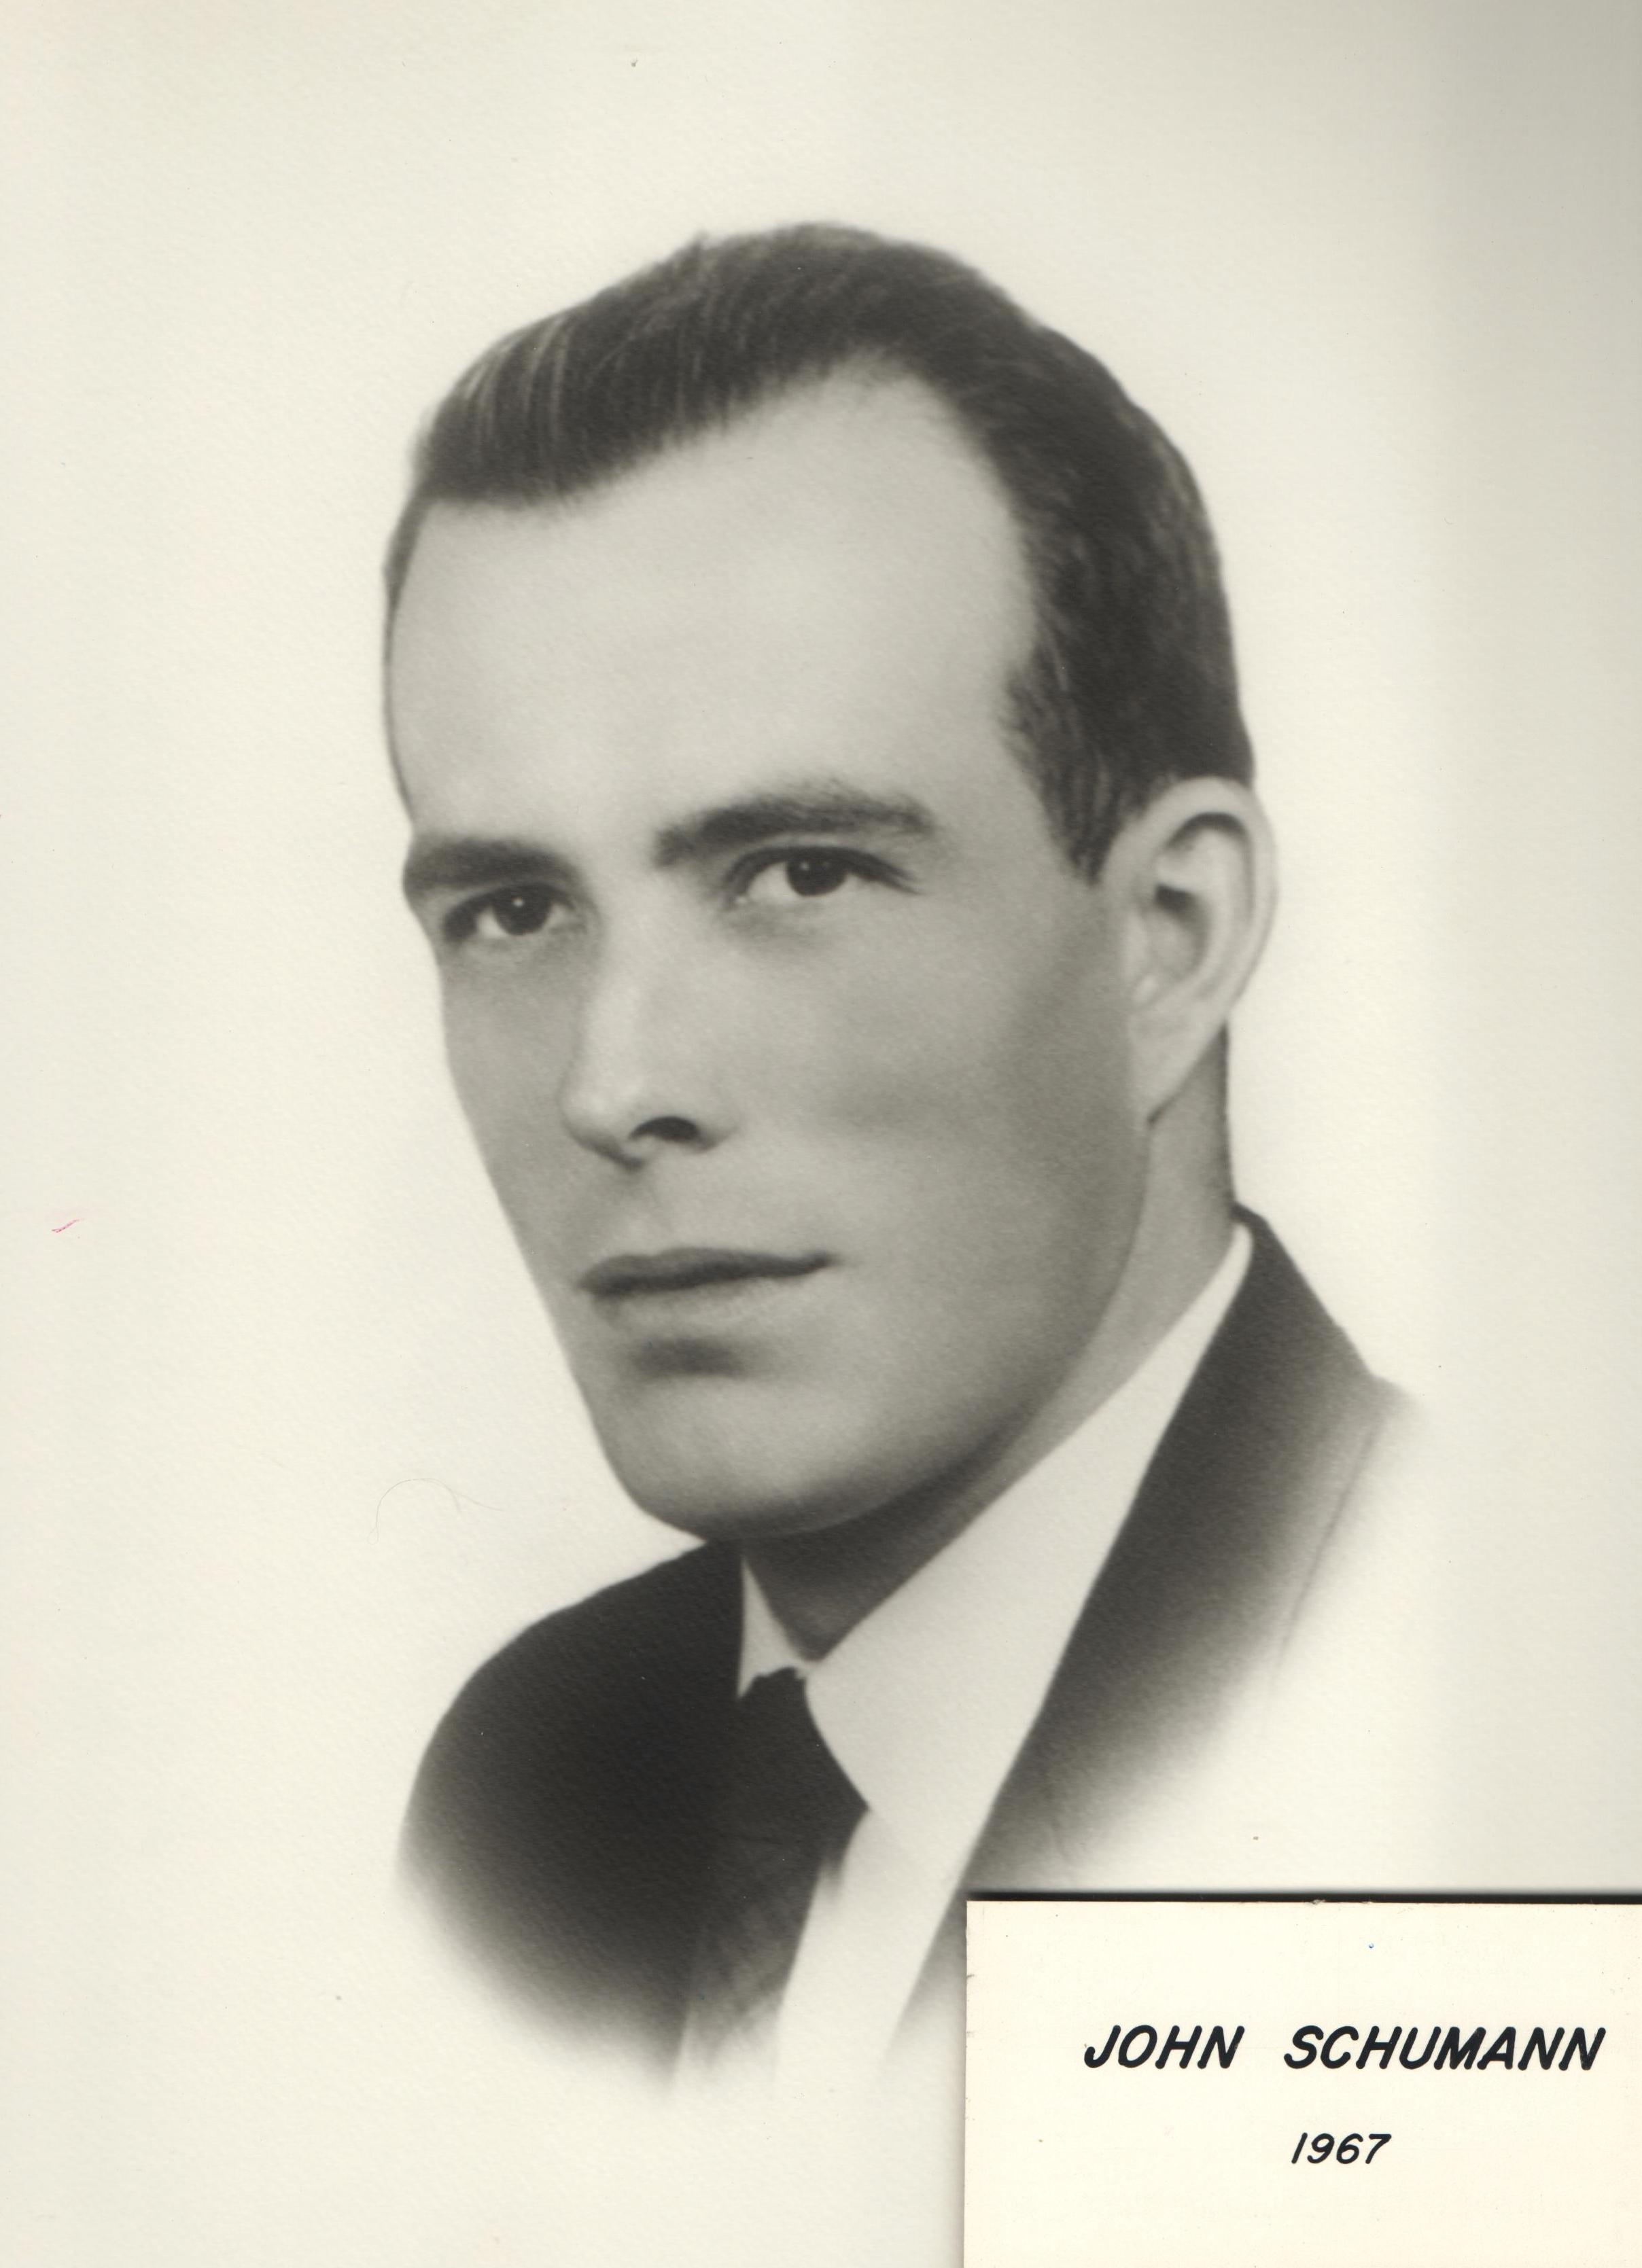 1967 John Schumann